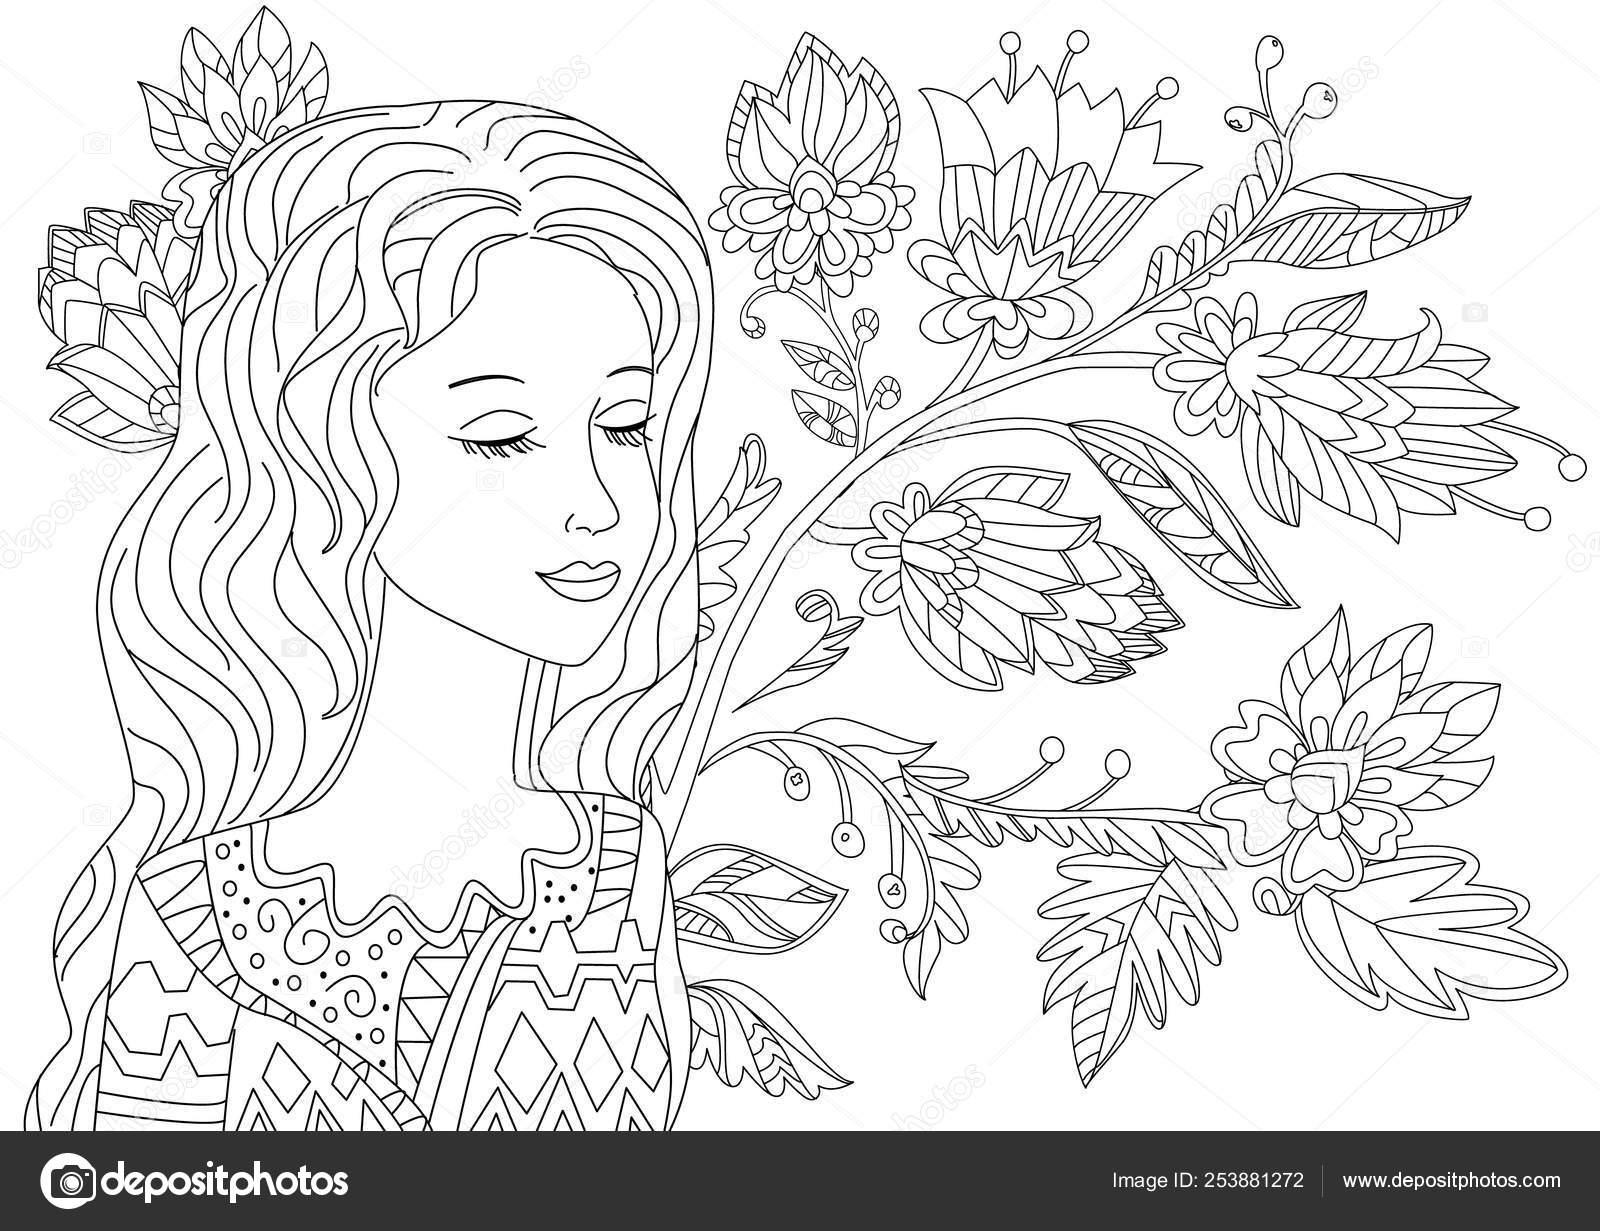 Chica Soñadora Con Ojos Cerrados Bosque Fantasía Para Página Para